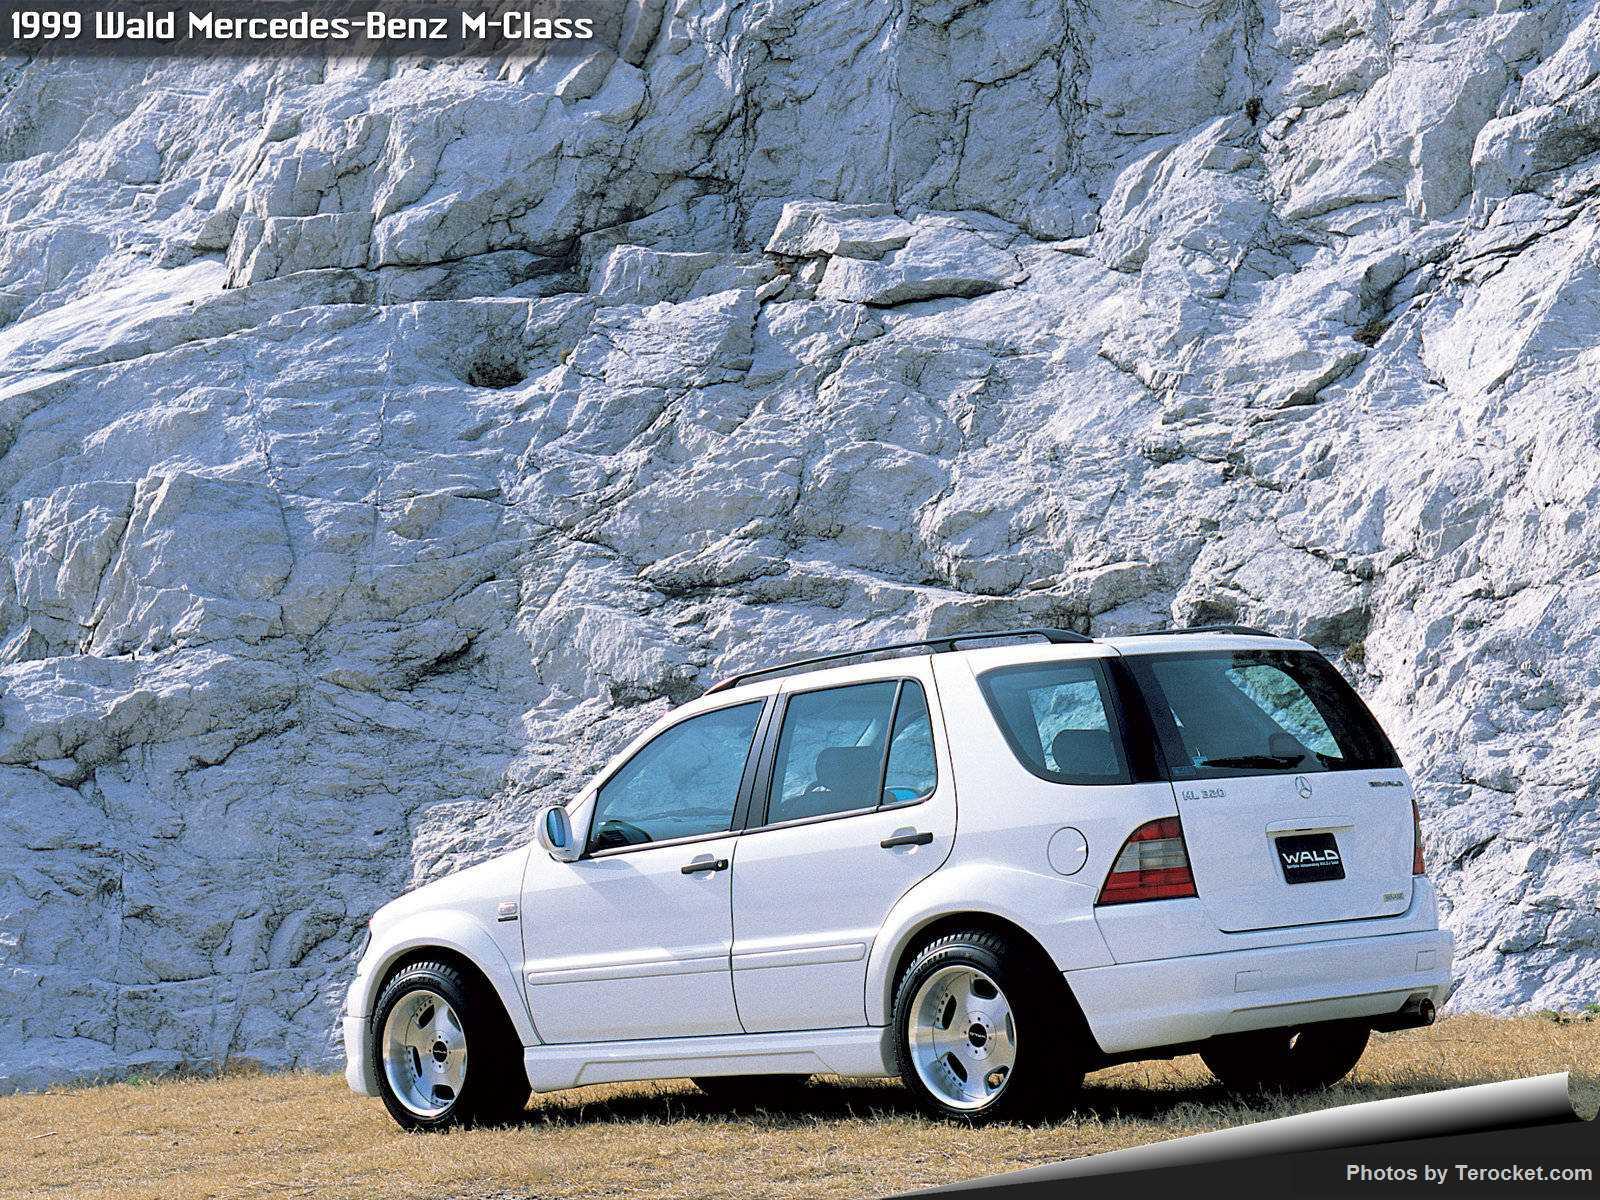 Hình ảnh xe độ Wald Mercedes-Benz M-Class 1999 & nội ngoại thất